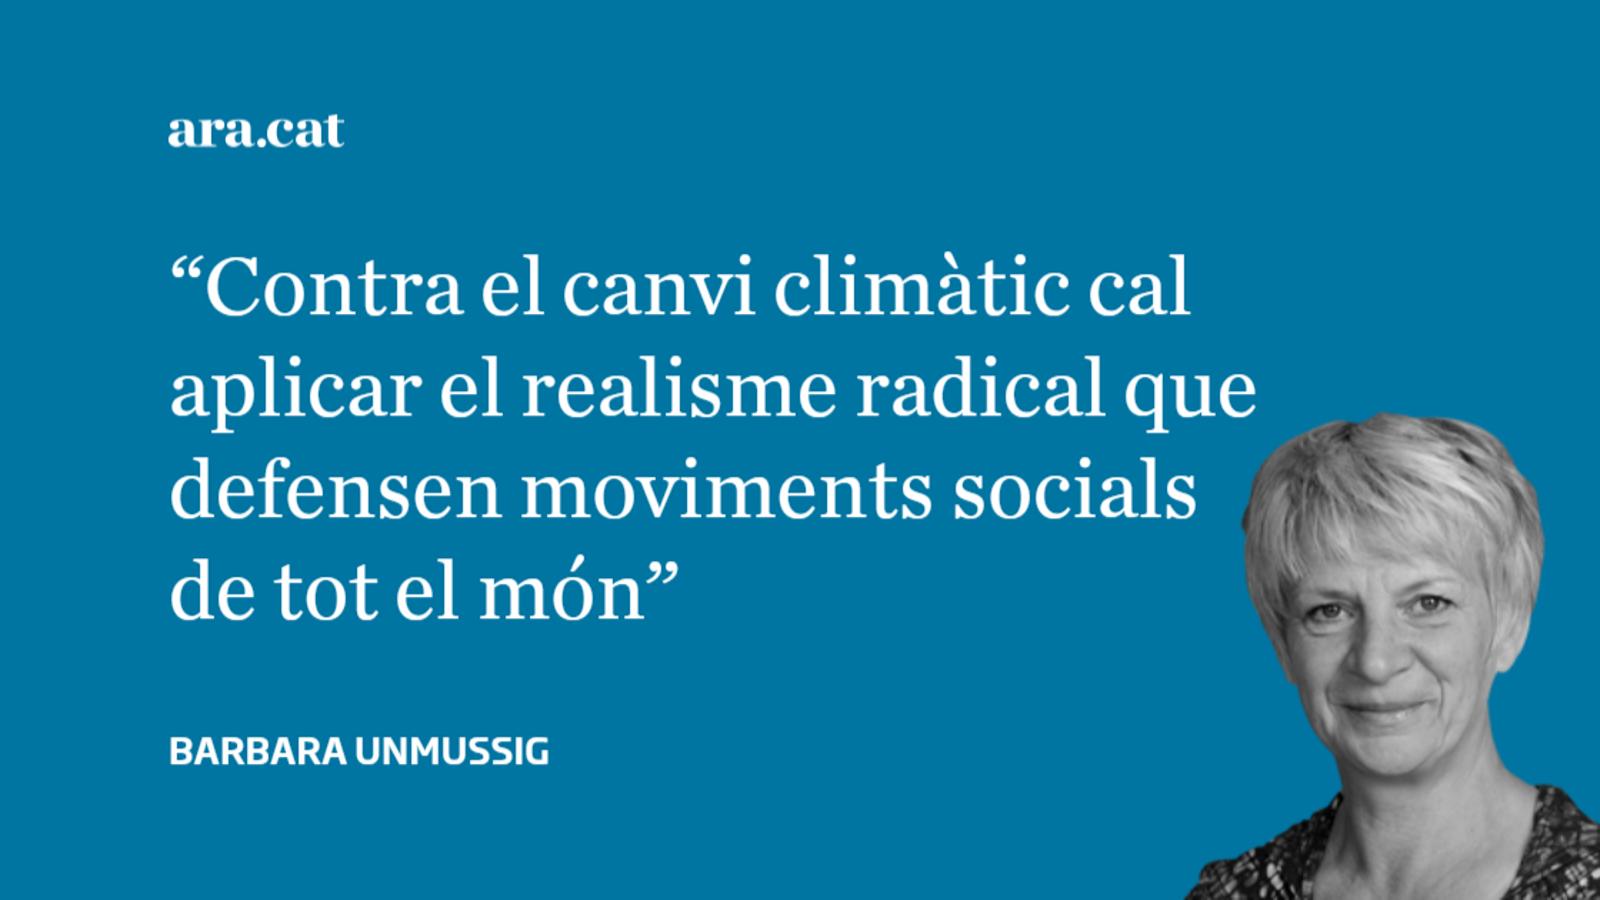 Una visió radicalment realista del clima